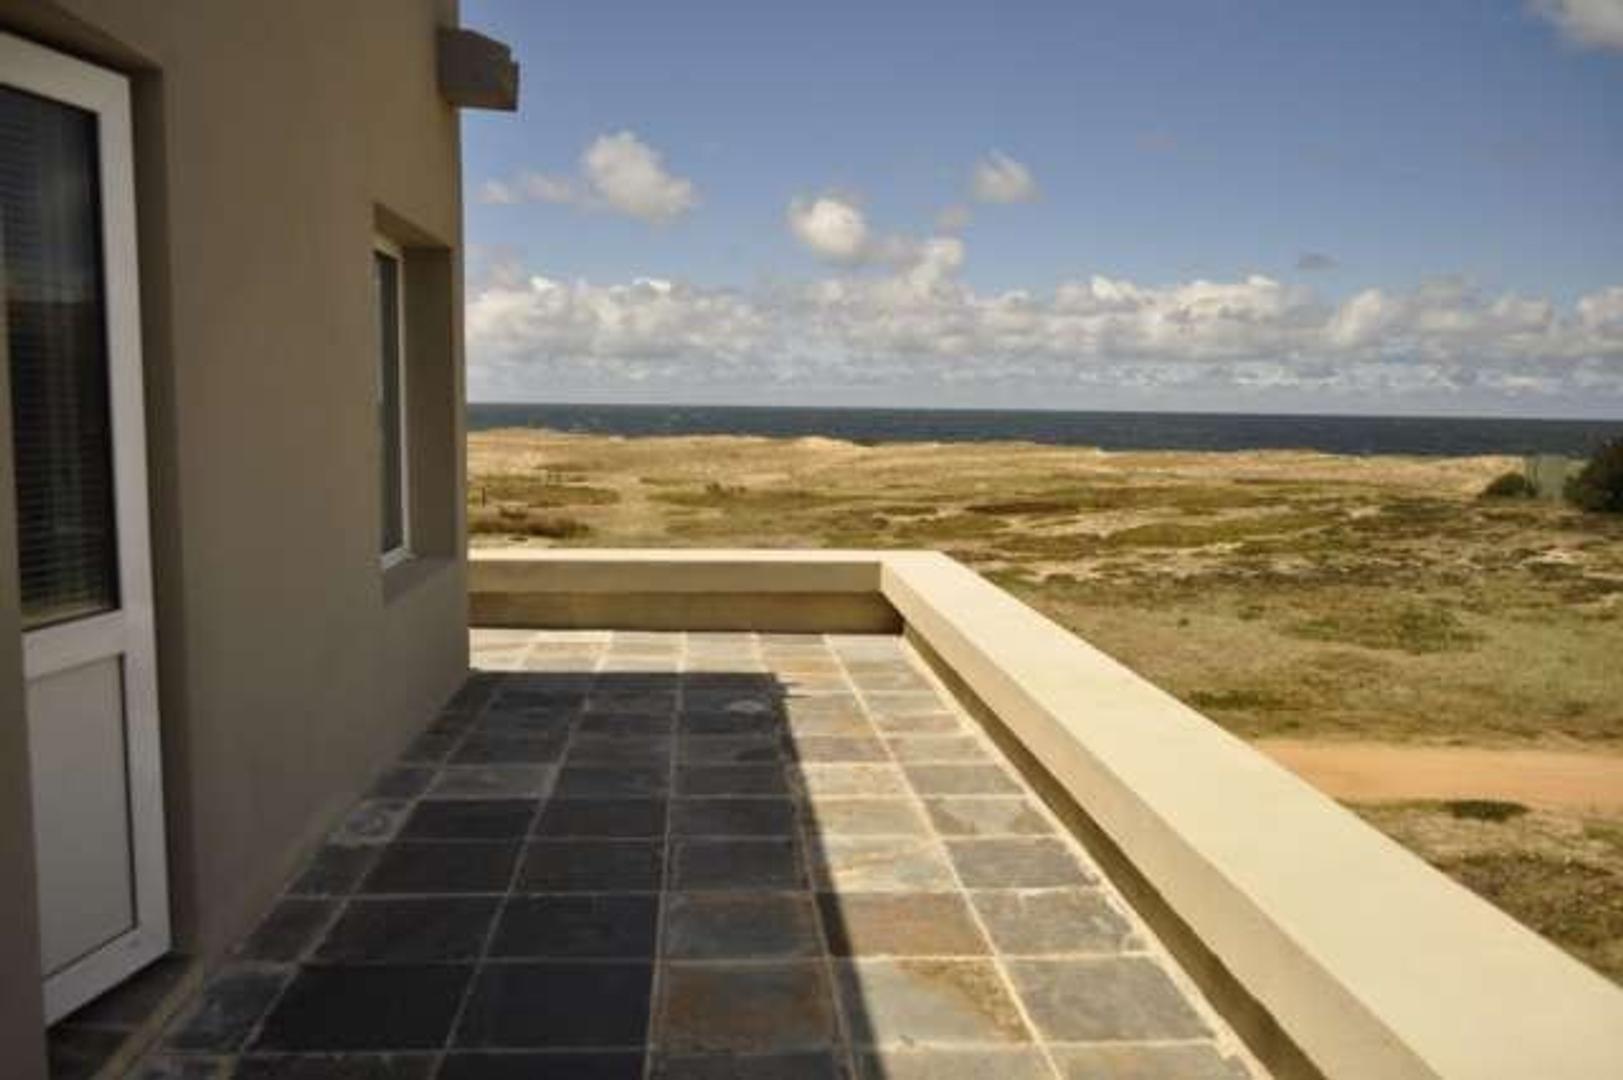 (LIJ-LIJ-183) Casa - Alquiler temporario - Uruguay, Maldonado - Foto 21